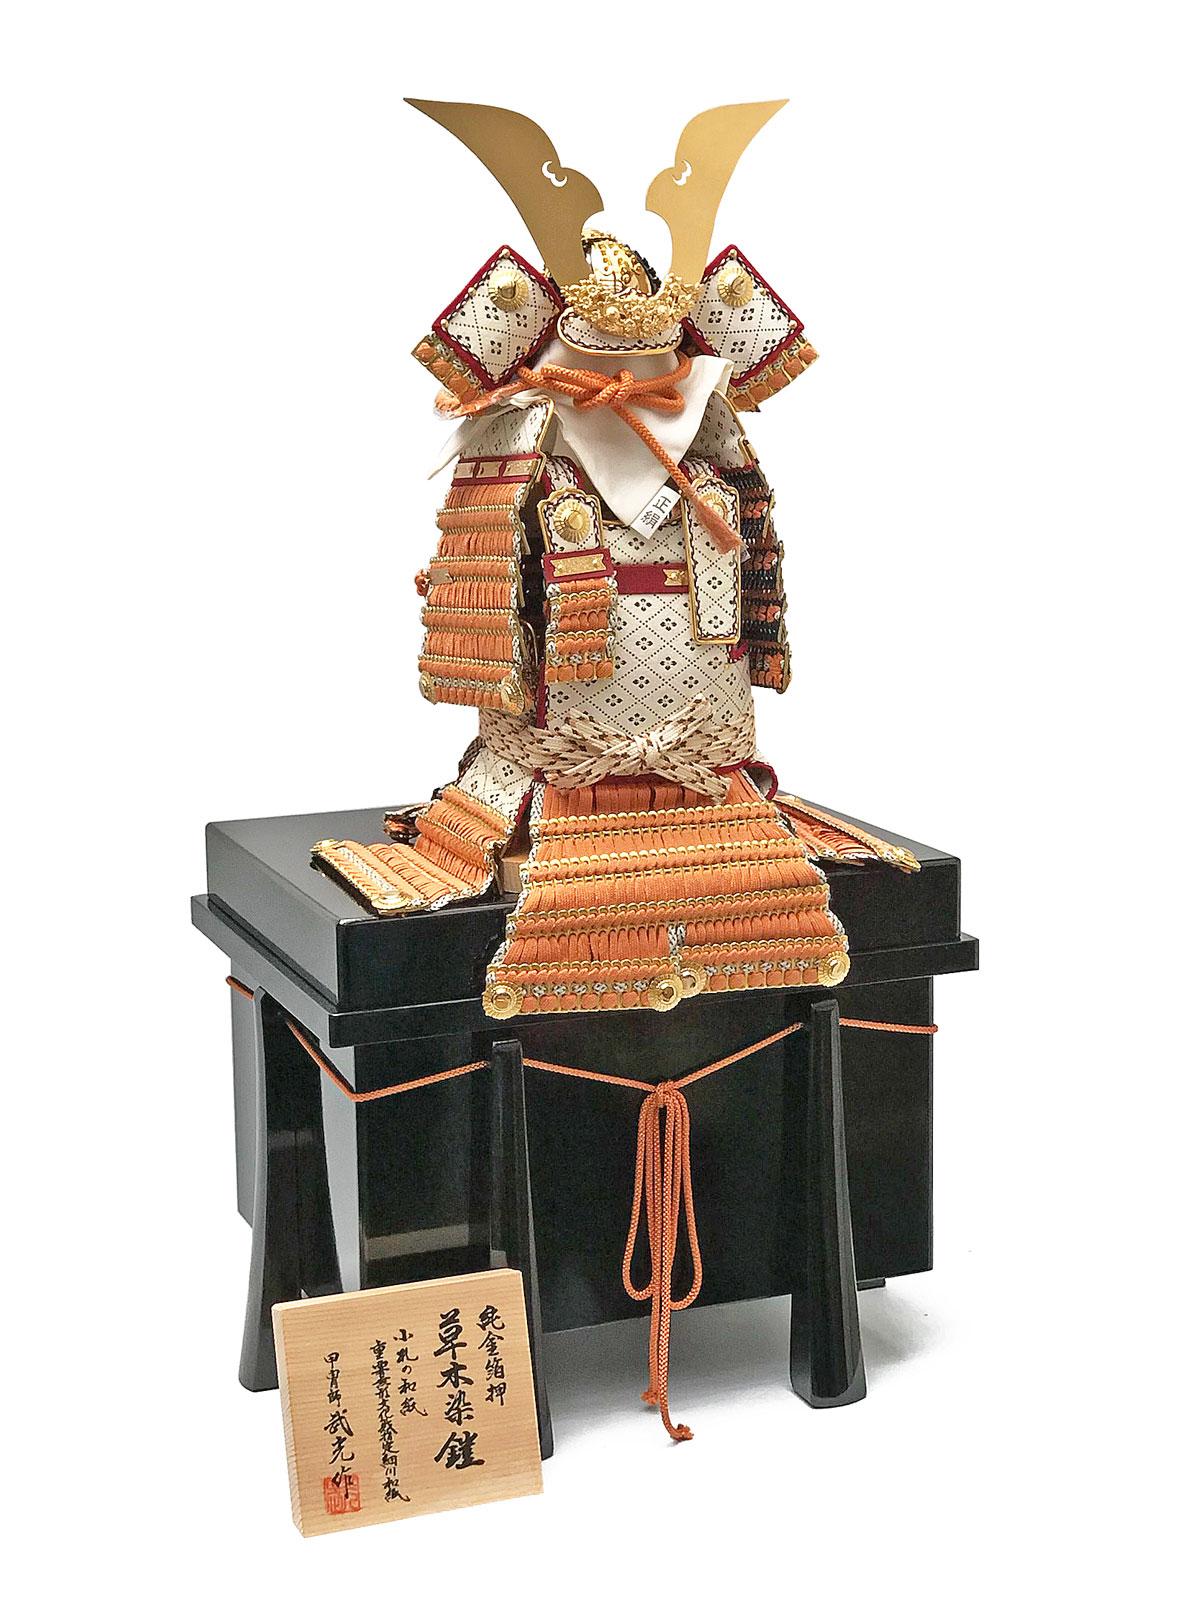 五月人形 鎧 収納飾り 龍玉作 純金箔押鎧飾り